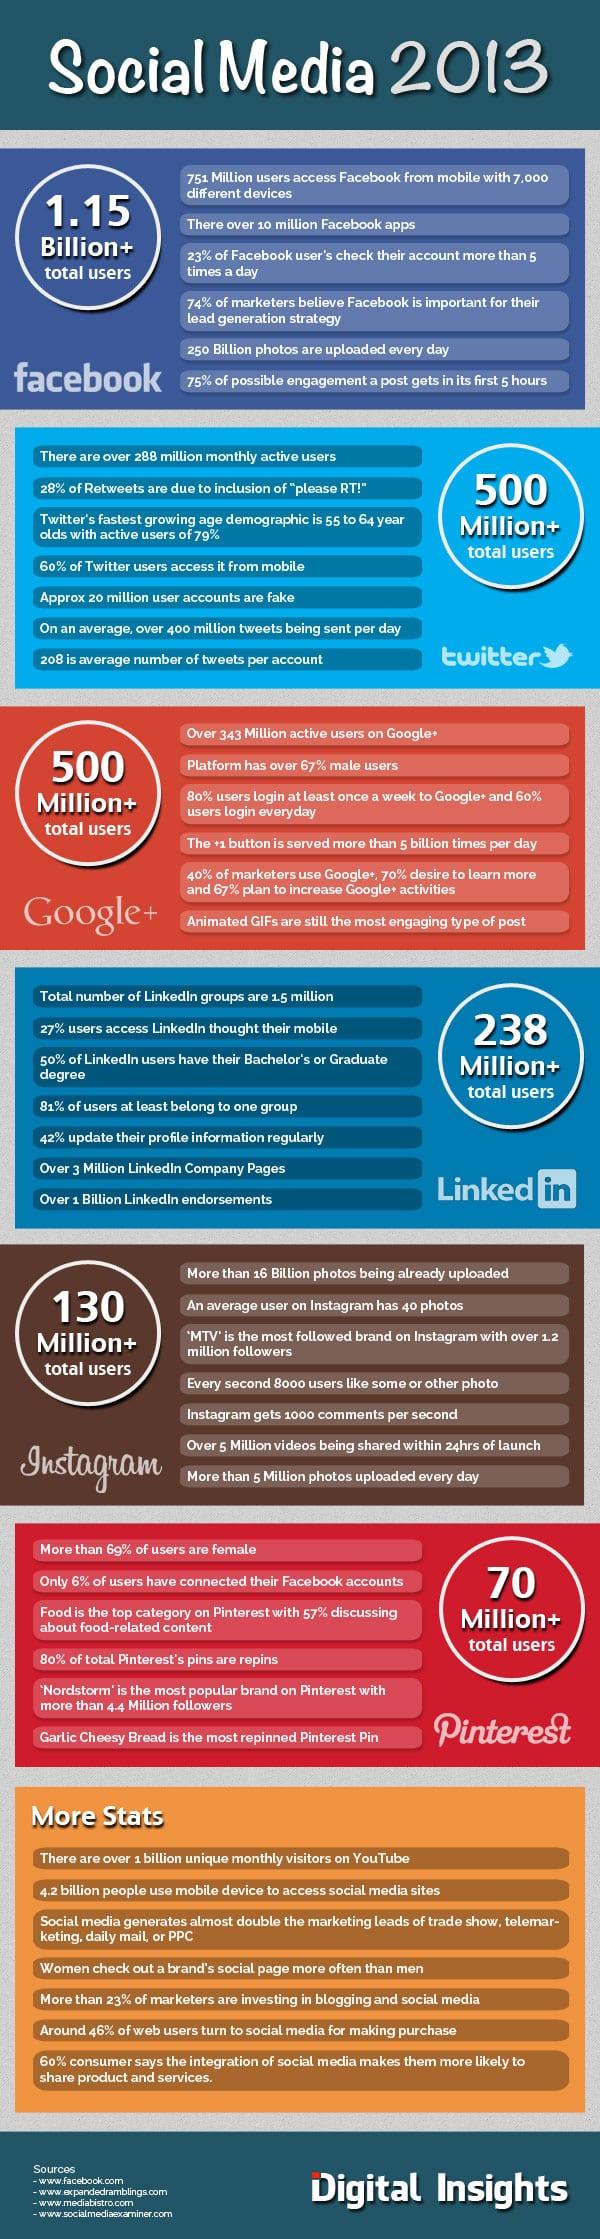 De populariteit van social media - 45 interessante feiten [infographic]